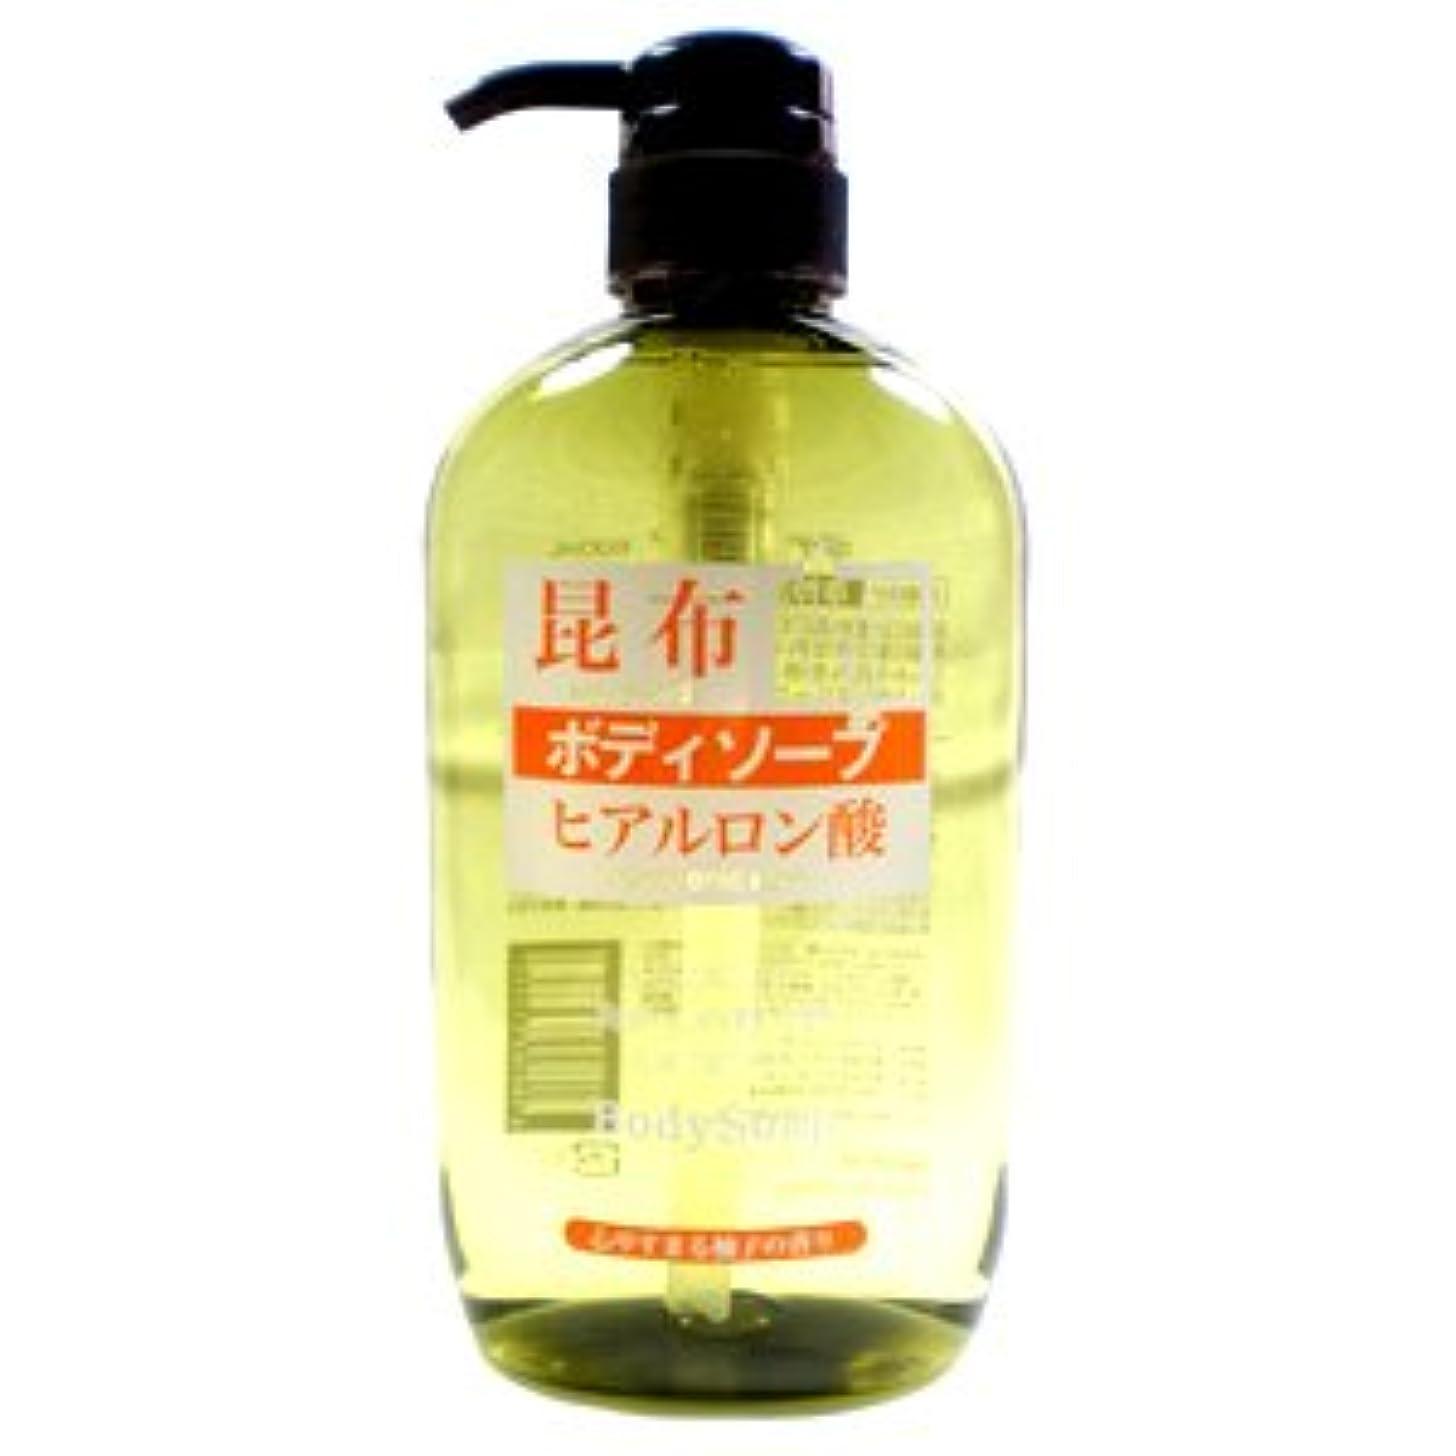 防腐剤必要酸っぱい日本製 昆布ボディソープ 600mL